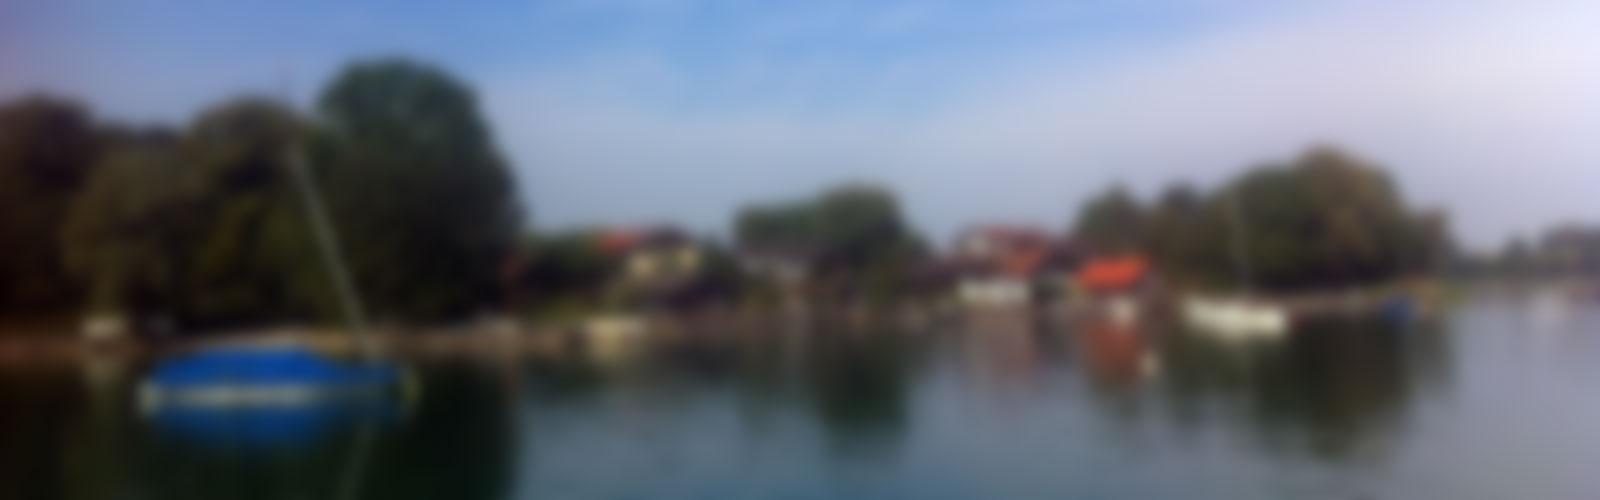 Fraueninsel: tra suore e papere, un luogo dove abitare l'acqua.